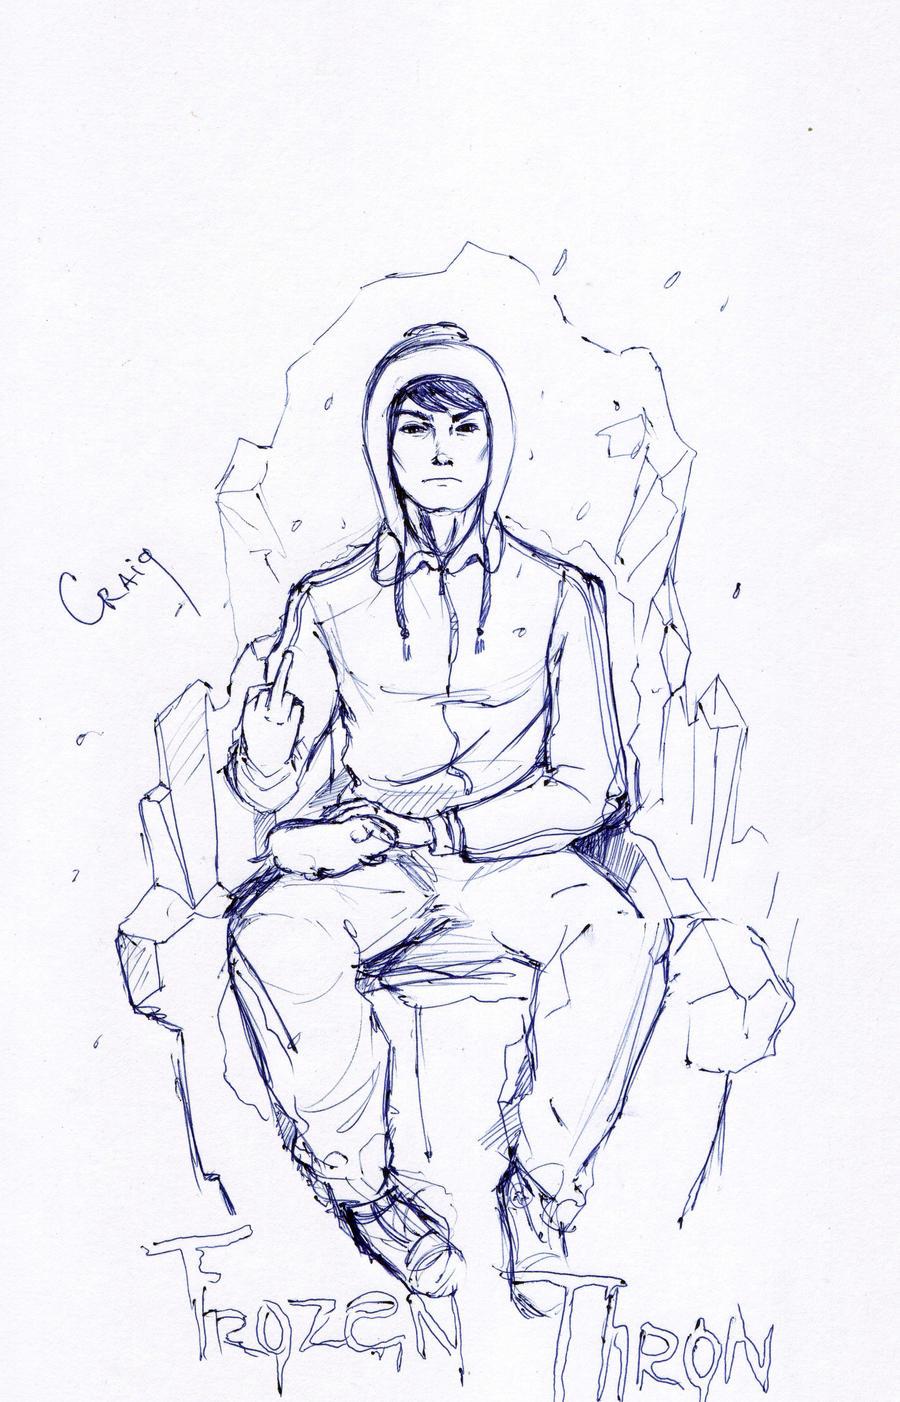 Craig. Frozen Thron by DelijaDodgson